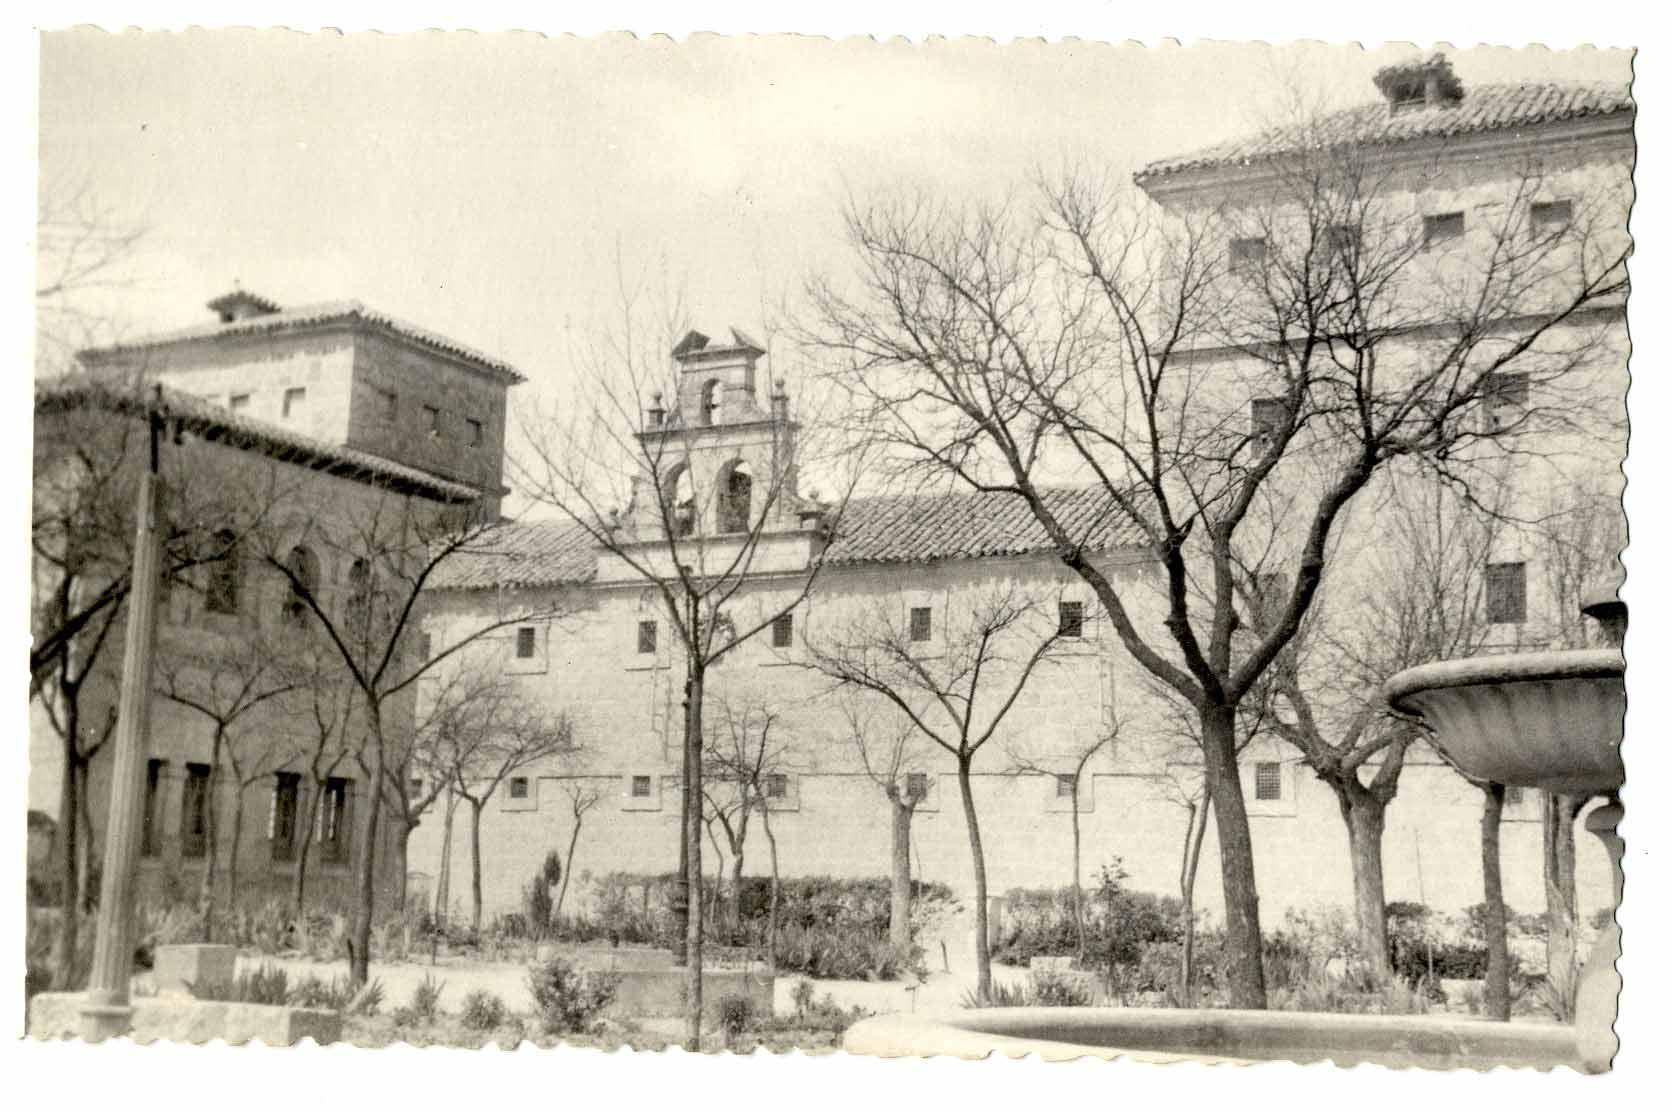 El Toboso. Convento de los Trinitarios. 1960 (P-254)